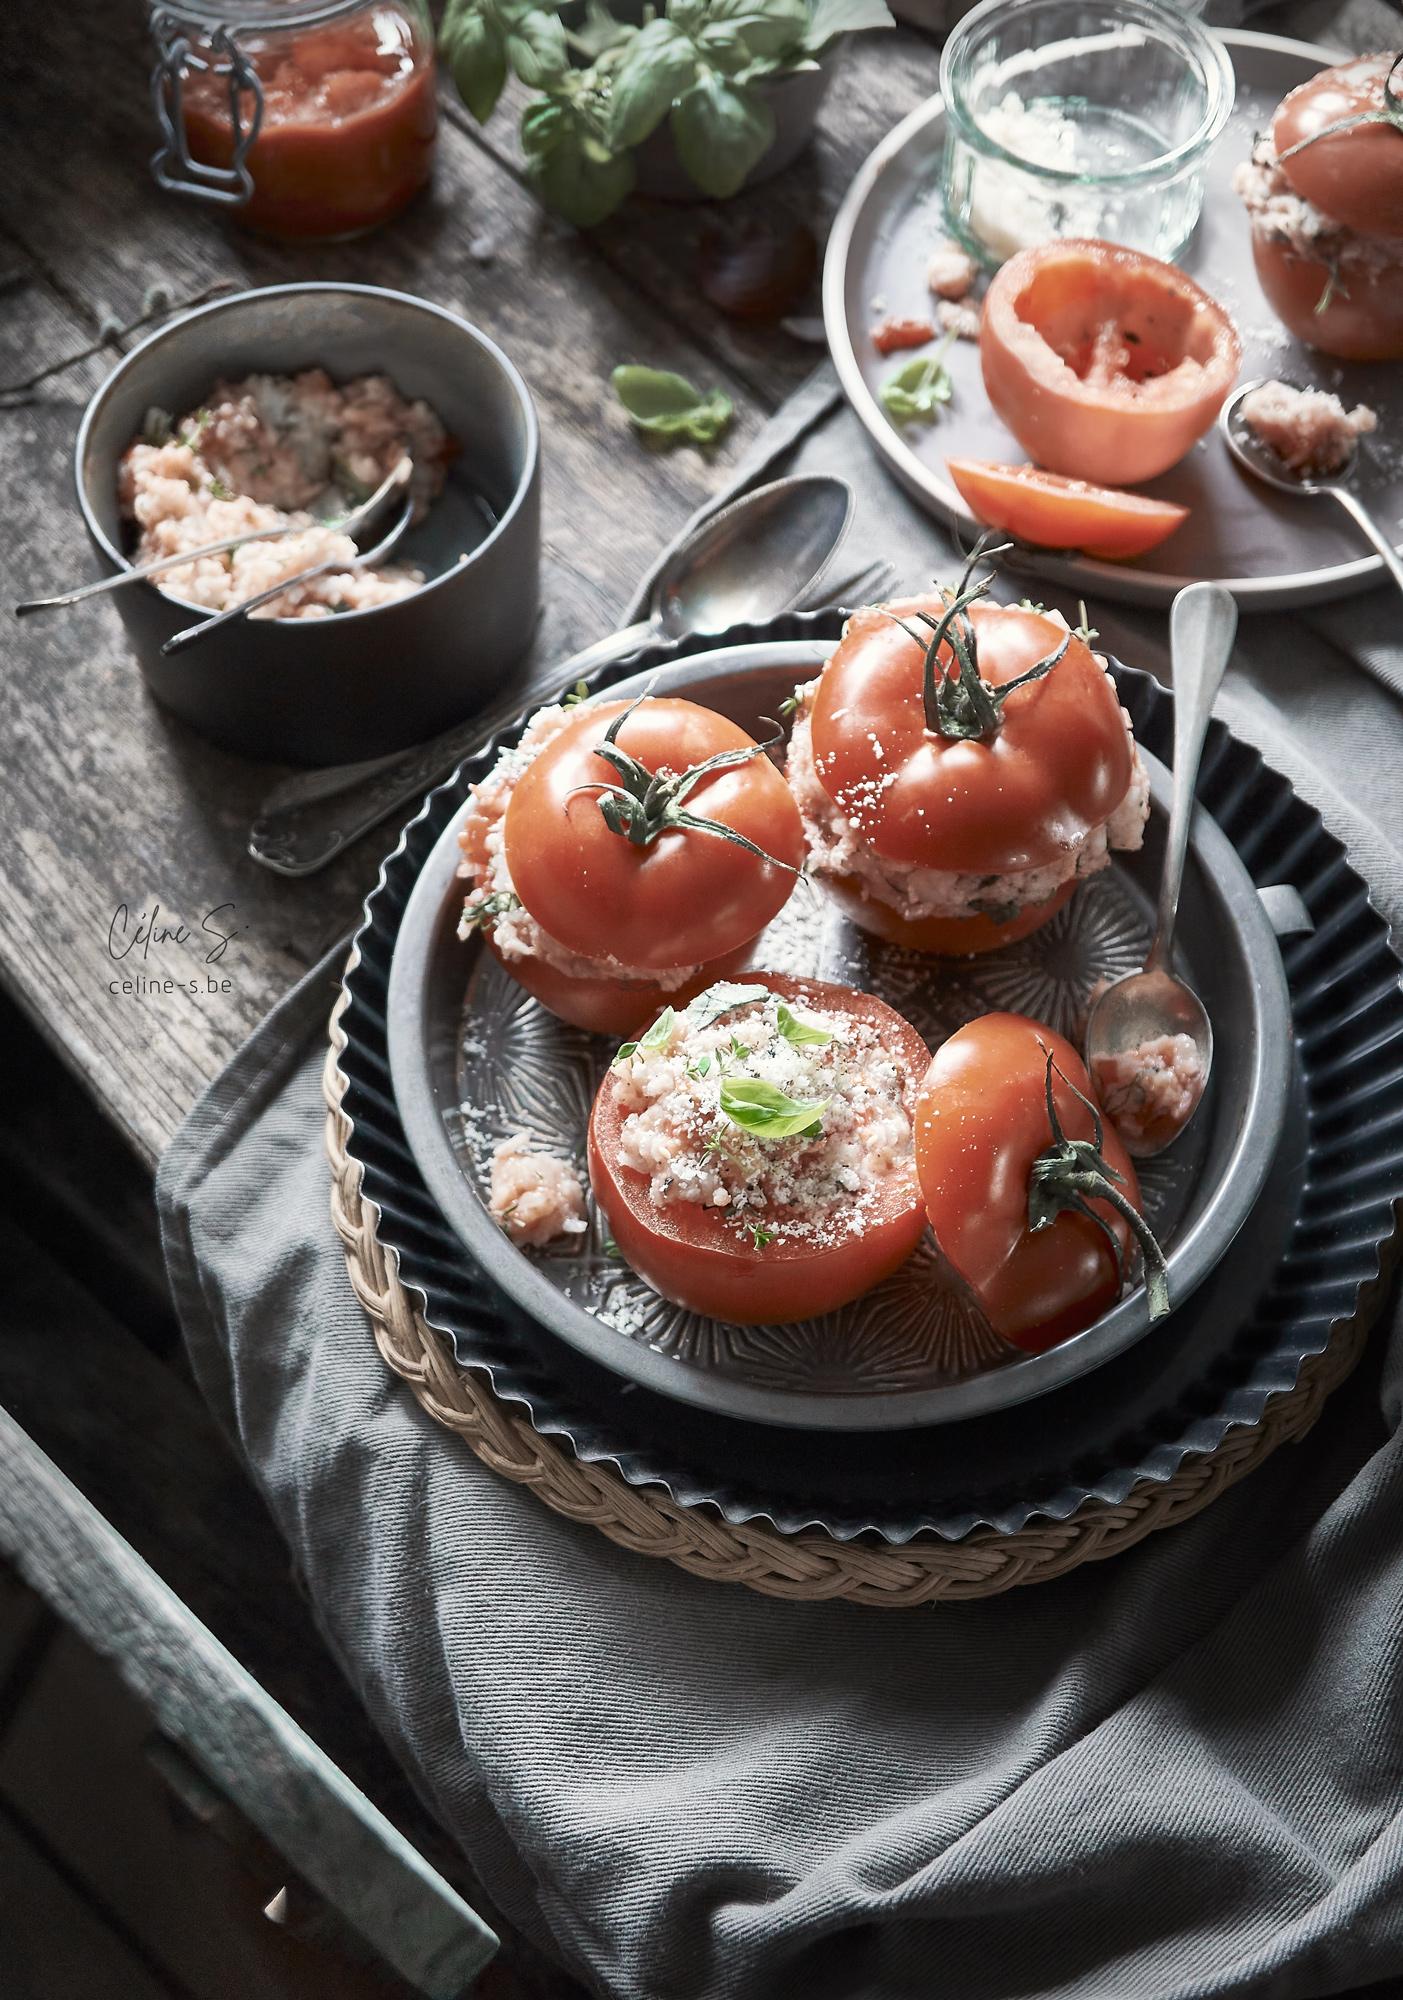 céline Stiévenard - recette et photo tomates farcies à l'italienne au riz - - styliste culinaire food - création de photo food - Liège, Belgique